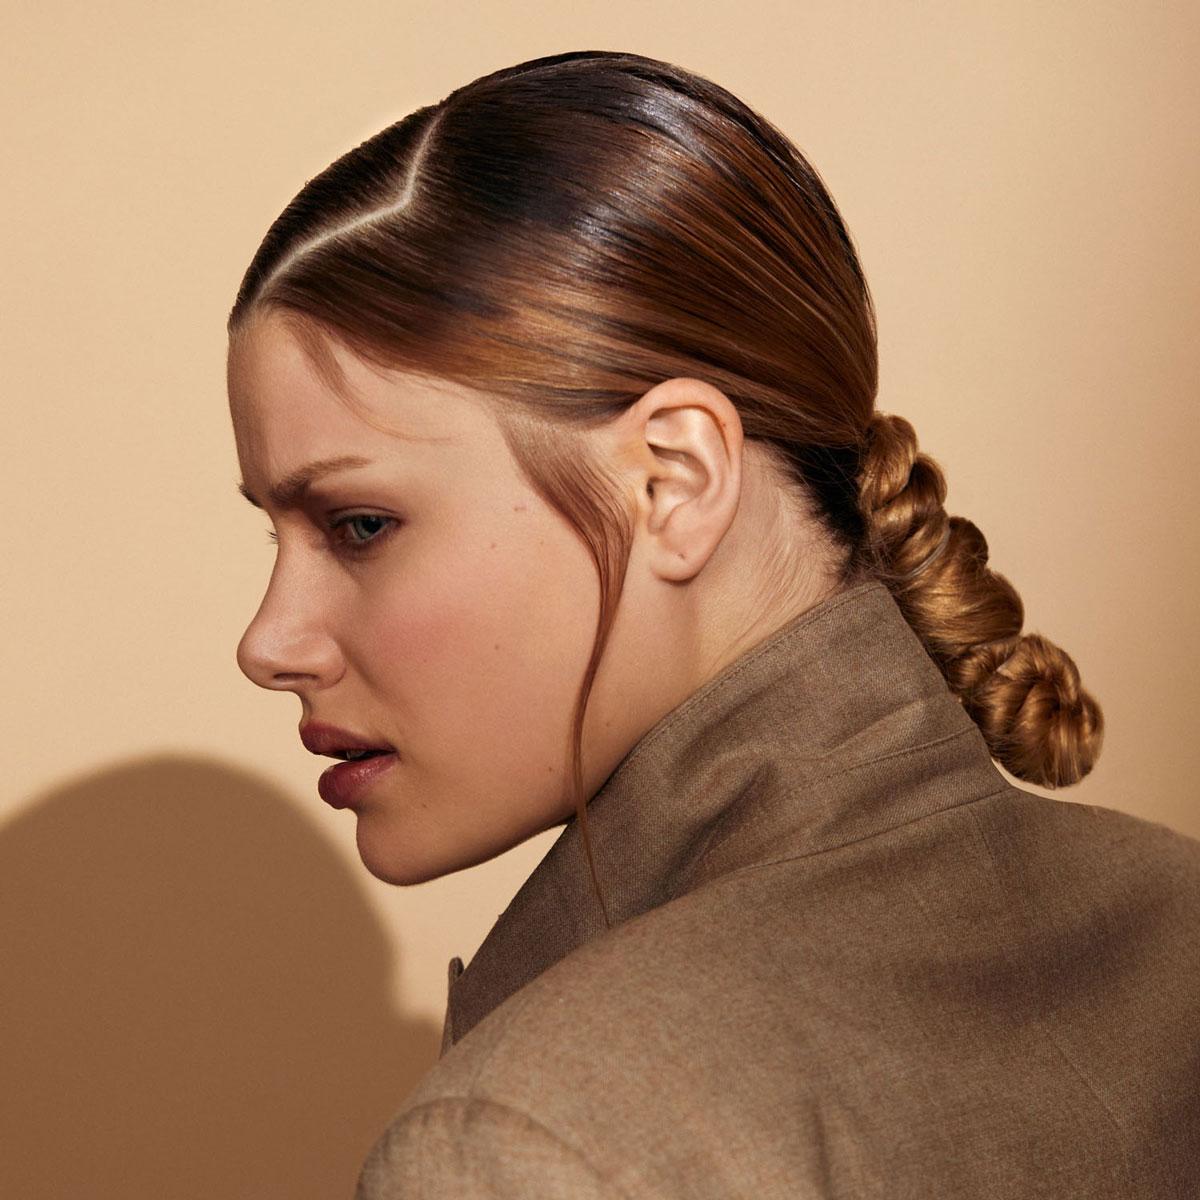 Melanie Rieberer makeup artist hair make-up Editorial Creamy